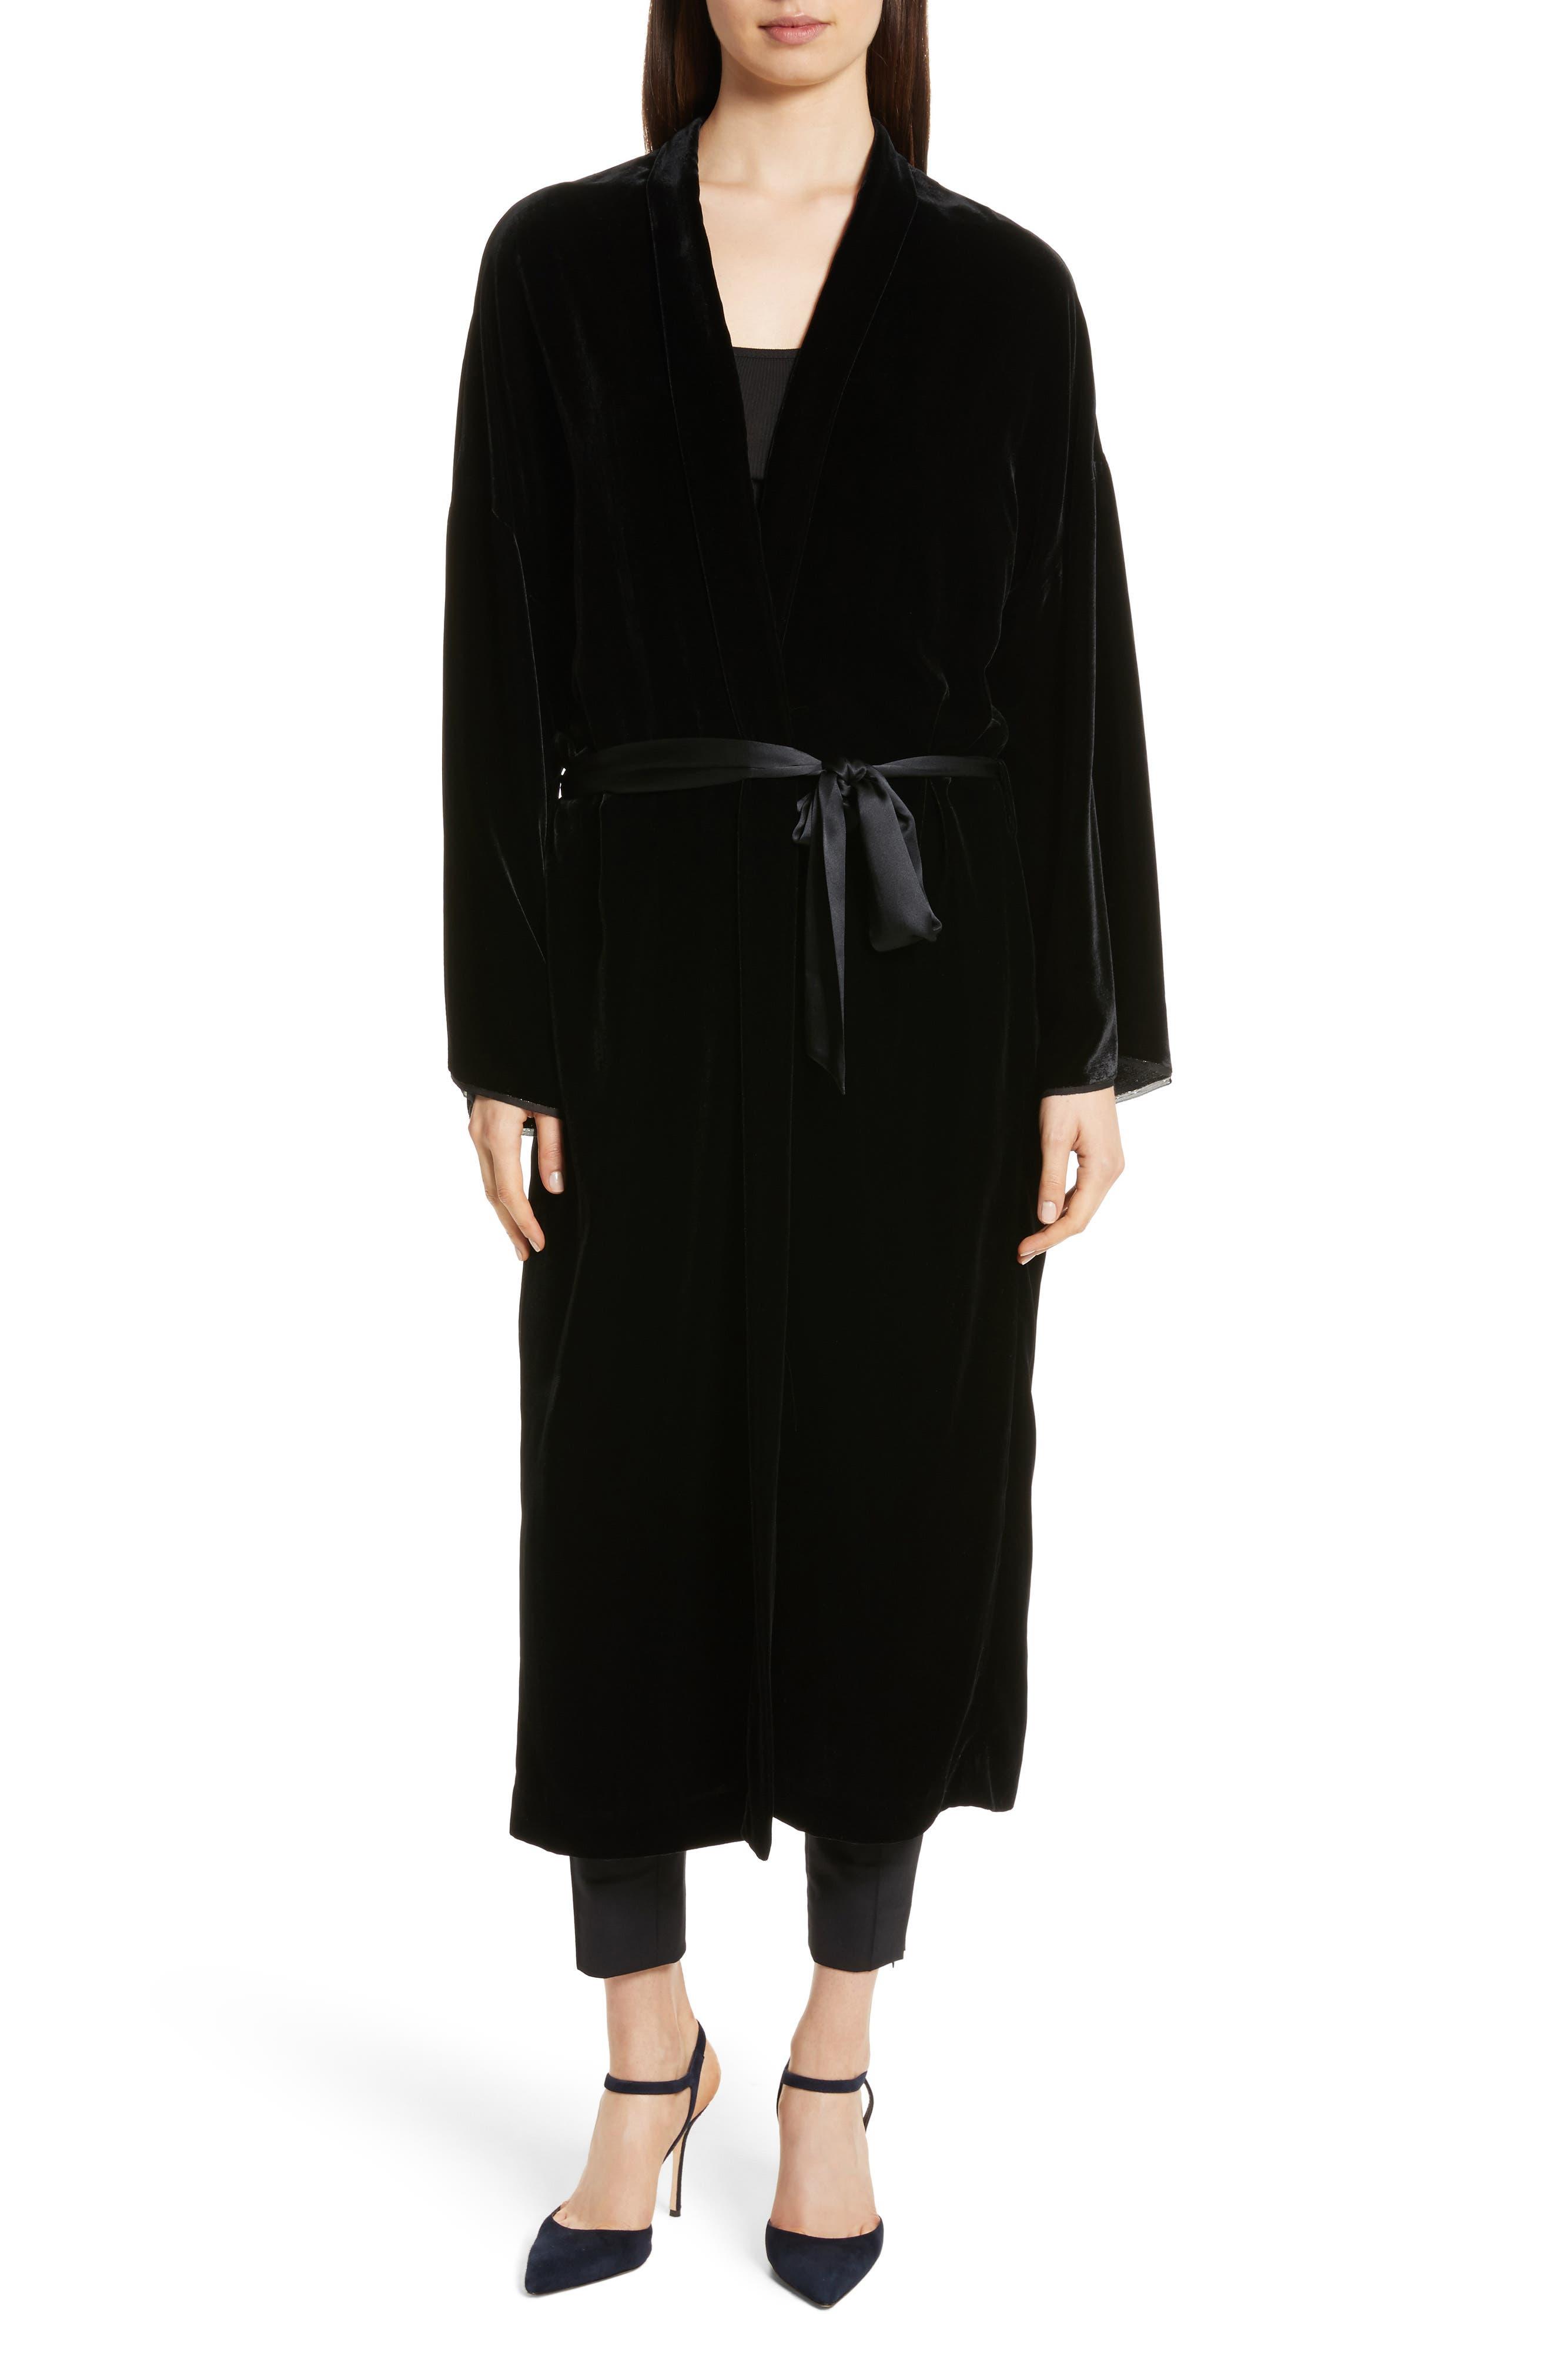 Muna Velvet Kimono,                             Main thumbnail 1, color,                             Black